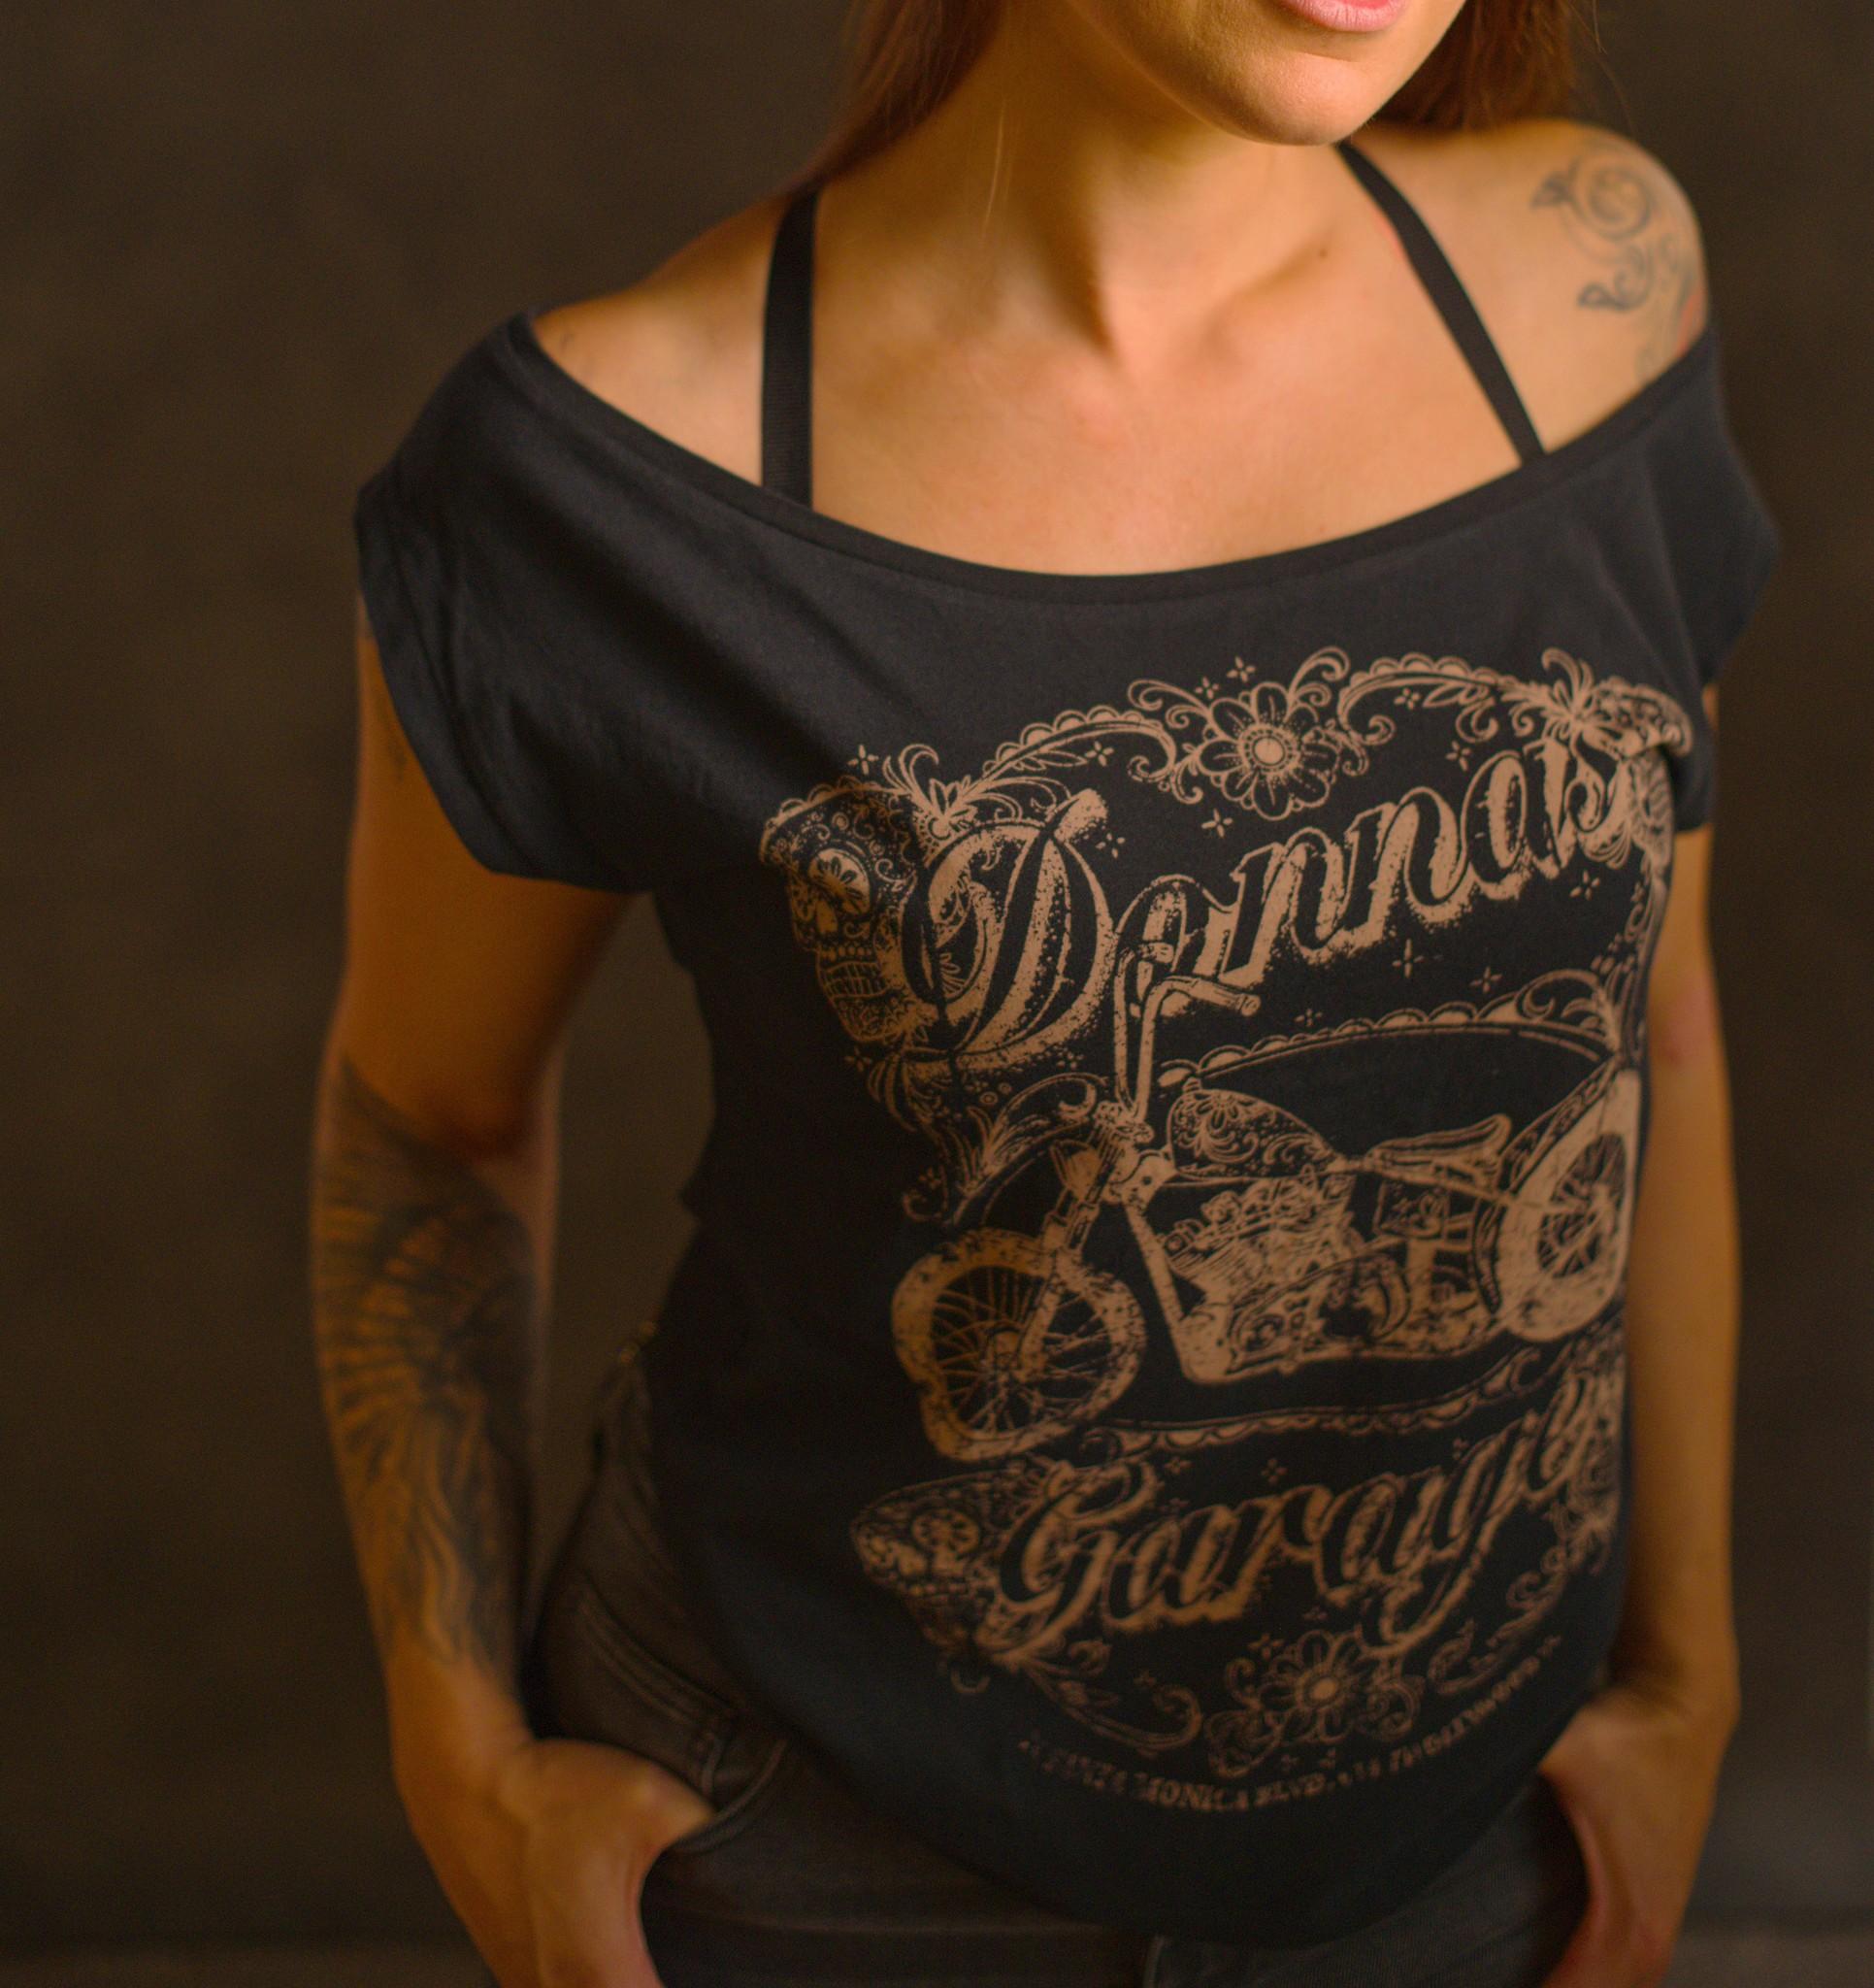 Rokker Donna's Garage Loose Black-1